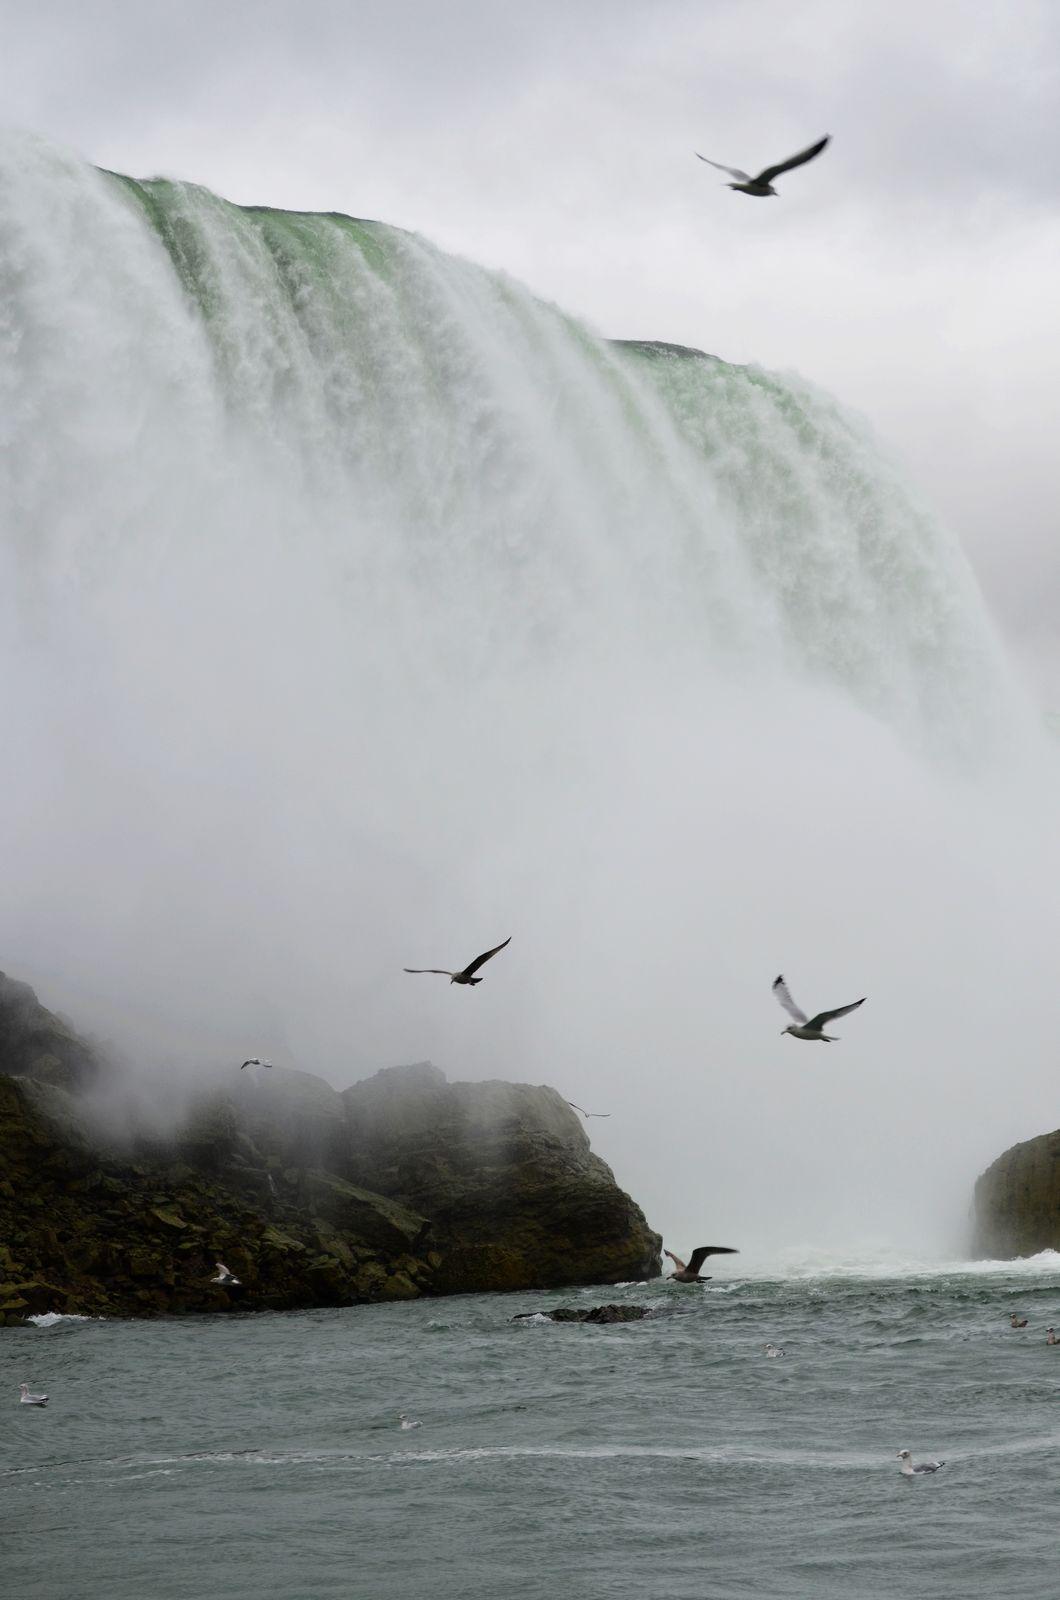 海鸥与瀑布的映衬,是否形成一张自然山水画